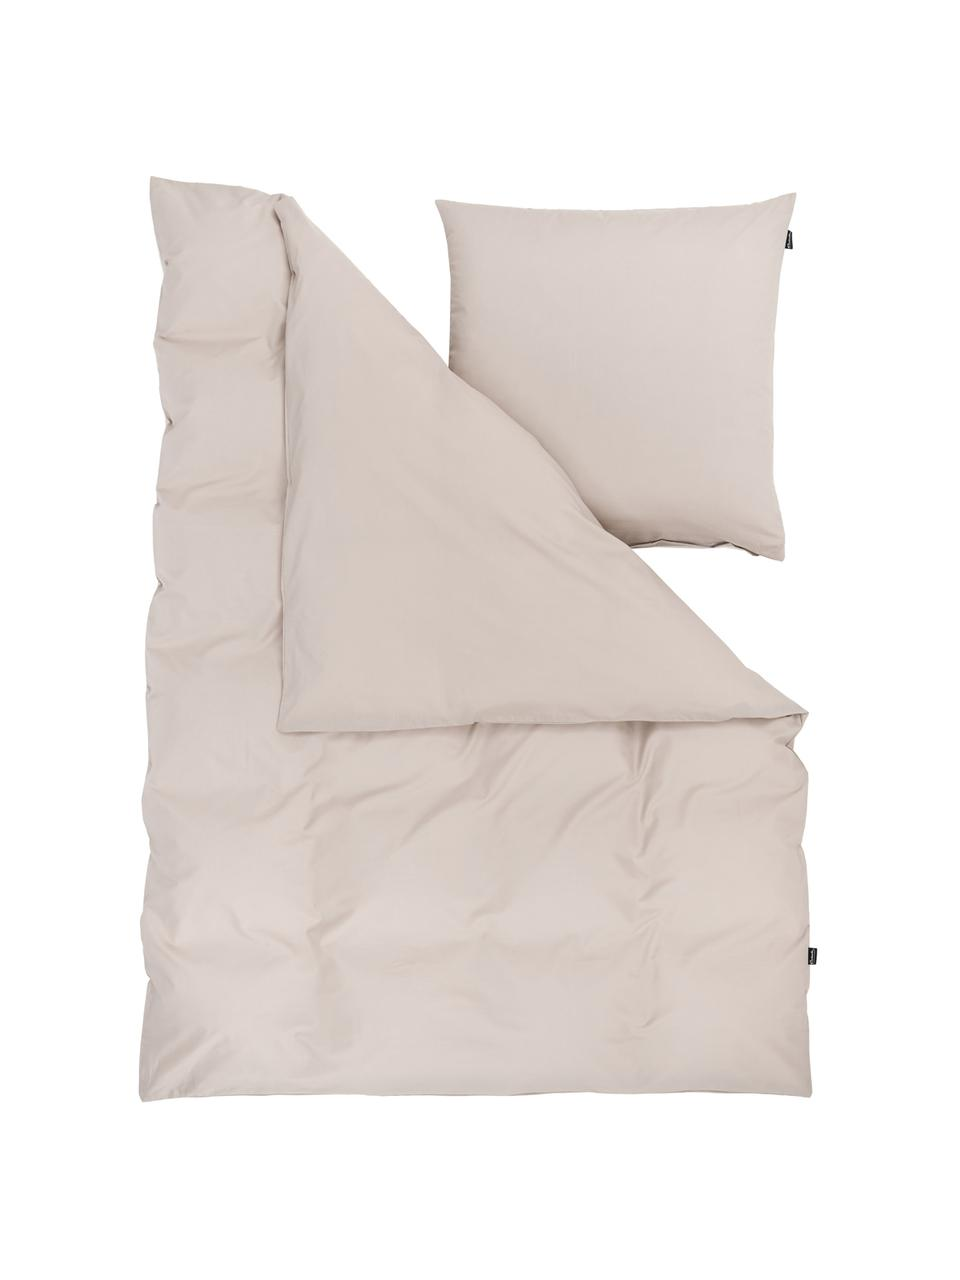 Pościel z bawełny Weekend, Taupe, 135 x 200 cm + 1 poduszka 80 x 80 cm